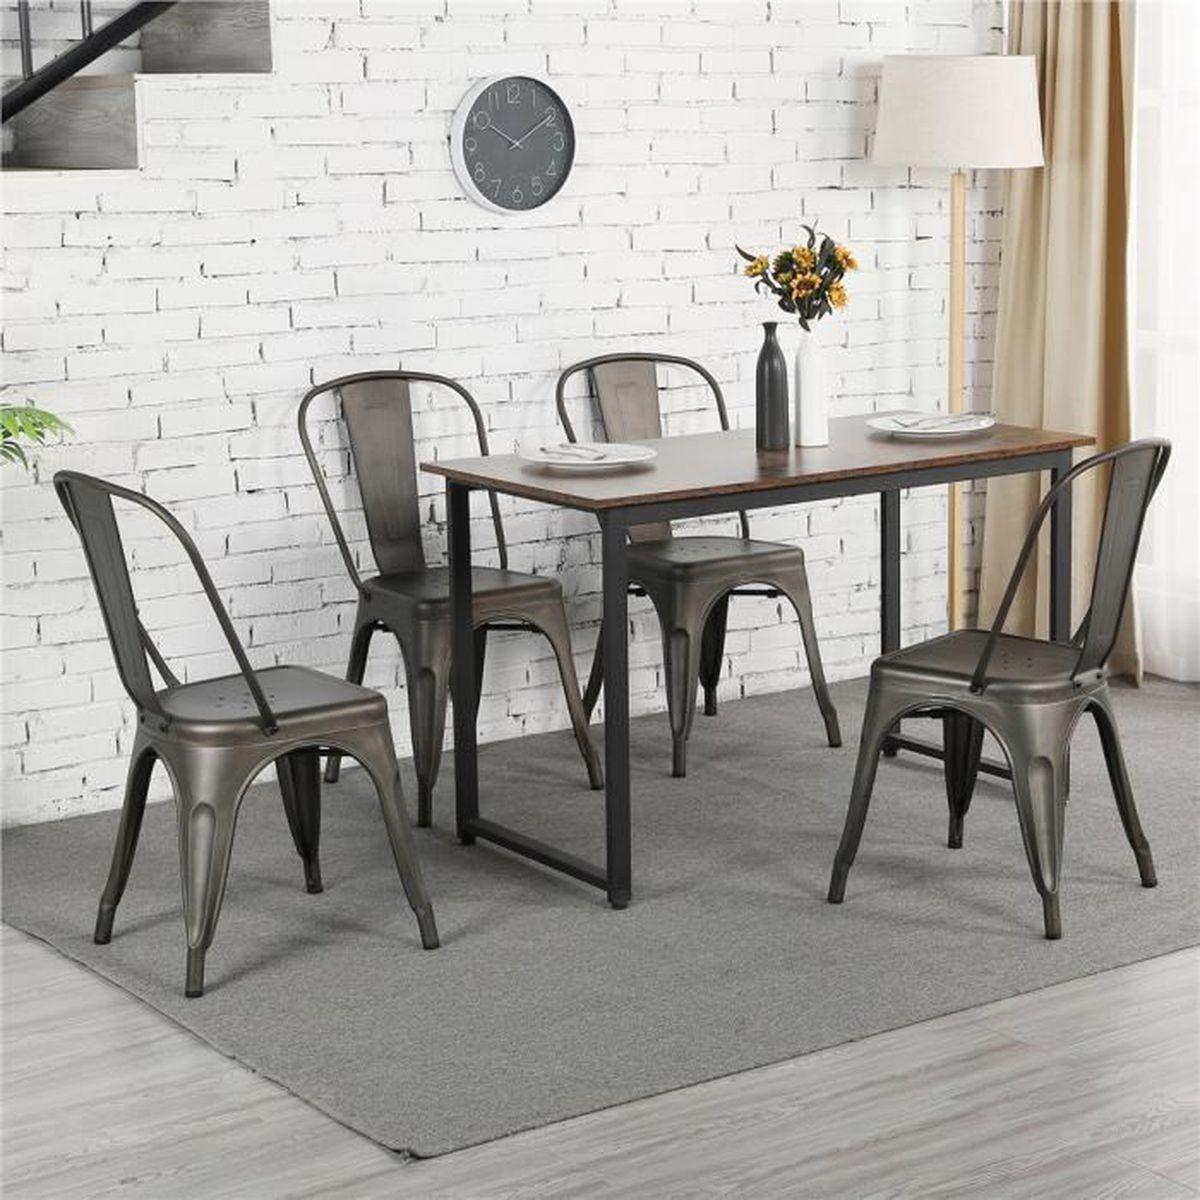 Chaise Bois Et Metal Industriel lot de 4 chaises de salle a manger style industriel en metal